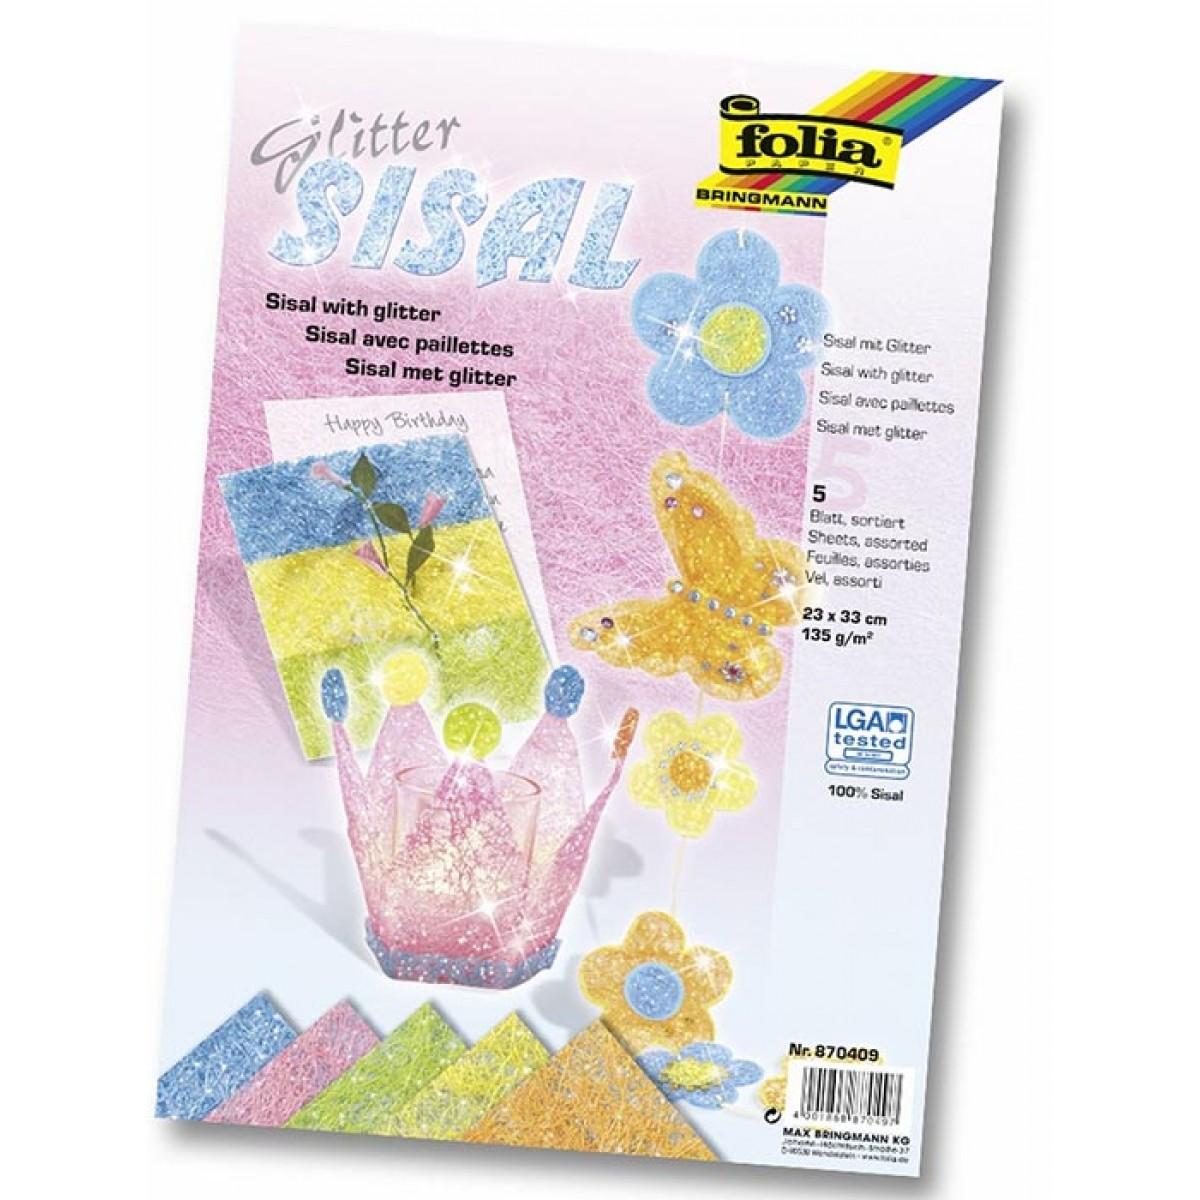 Χαρτί Σισάλ Παστέλ Χρώματα Χαρτιά